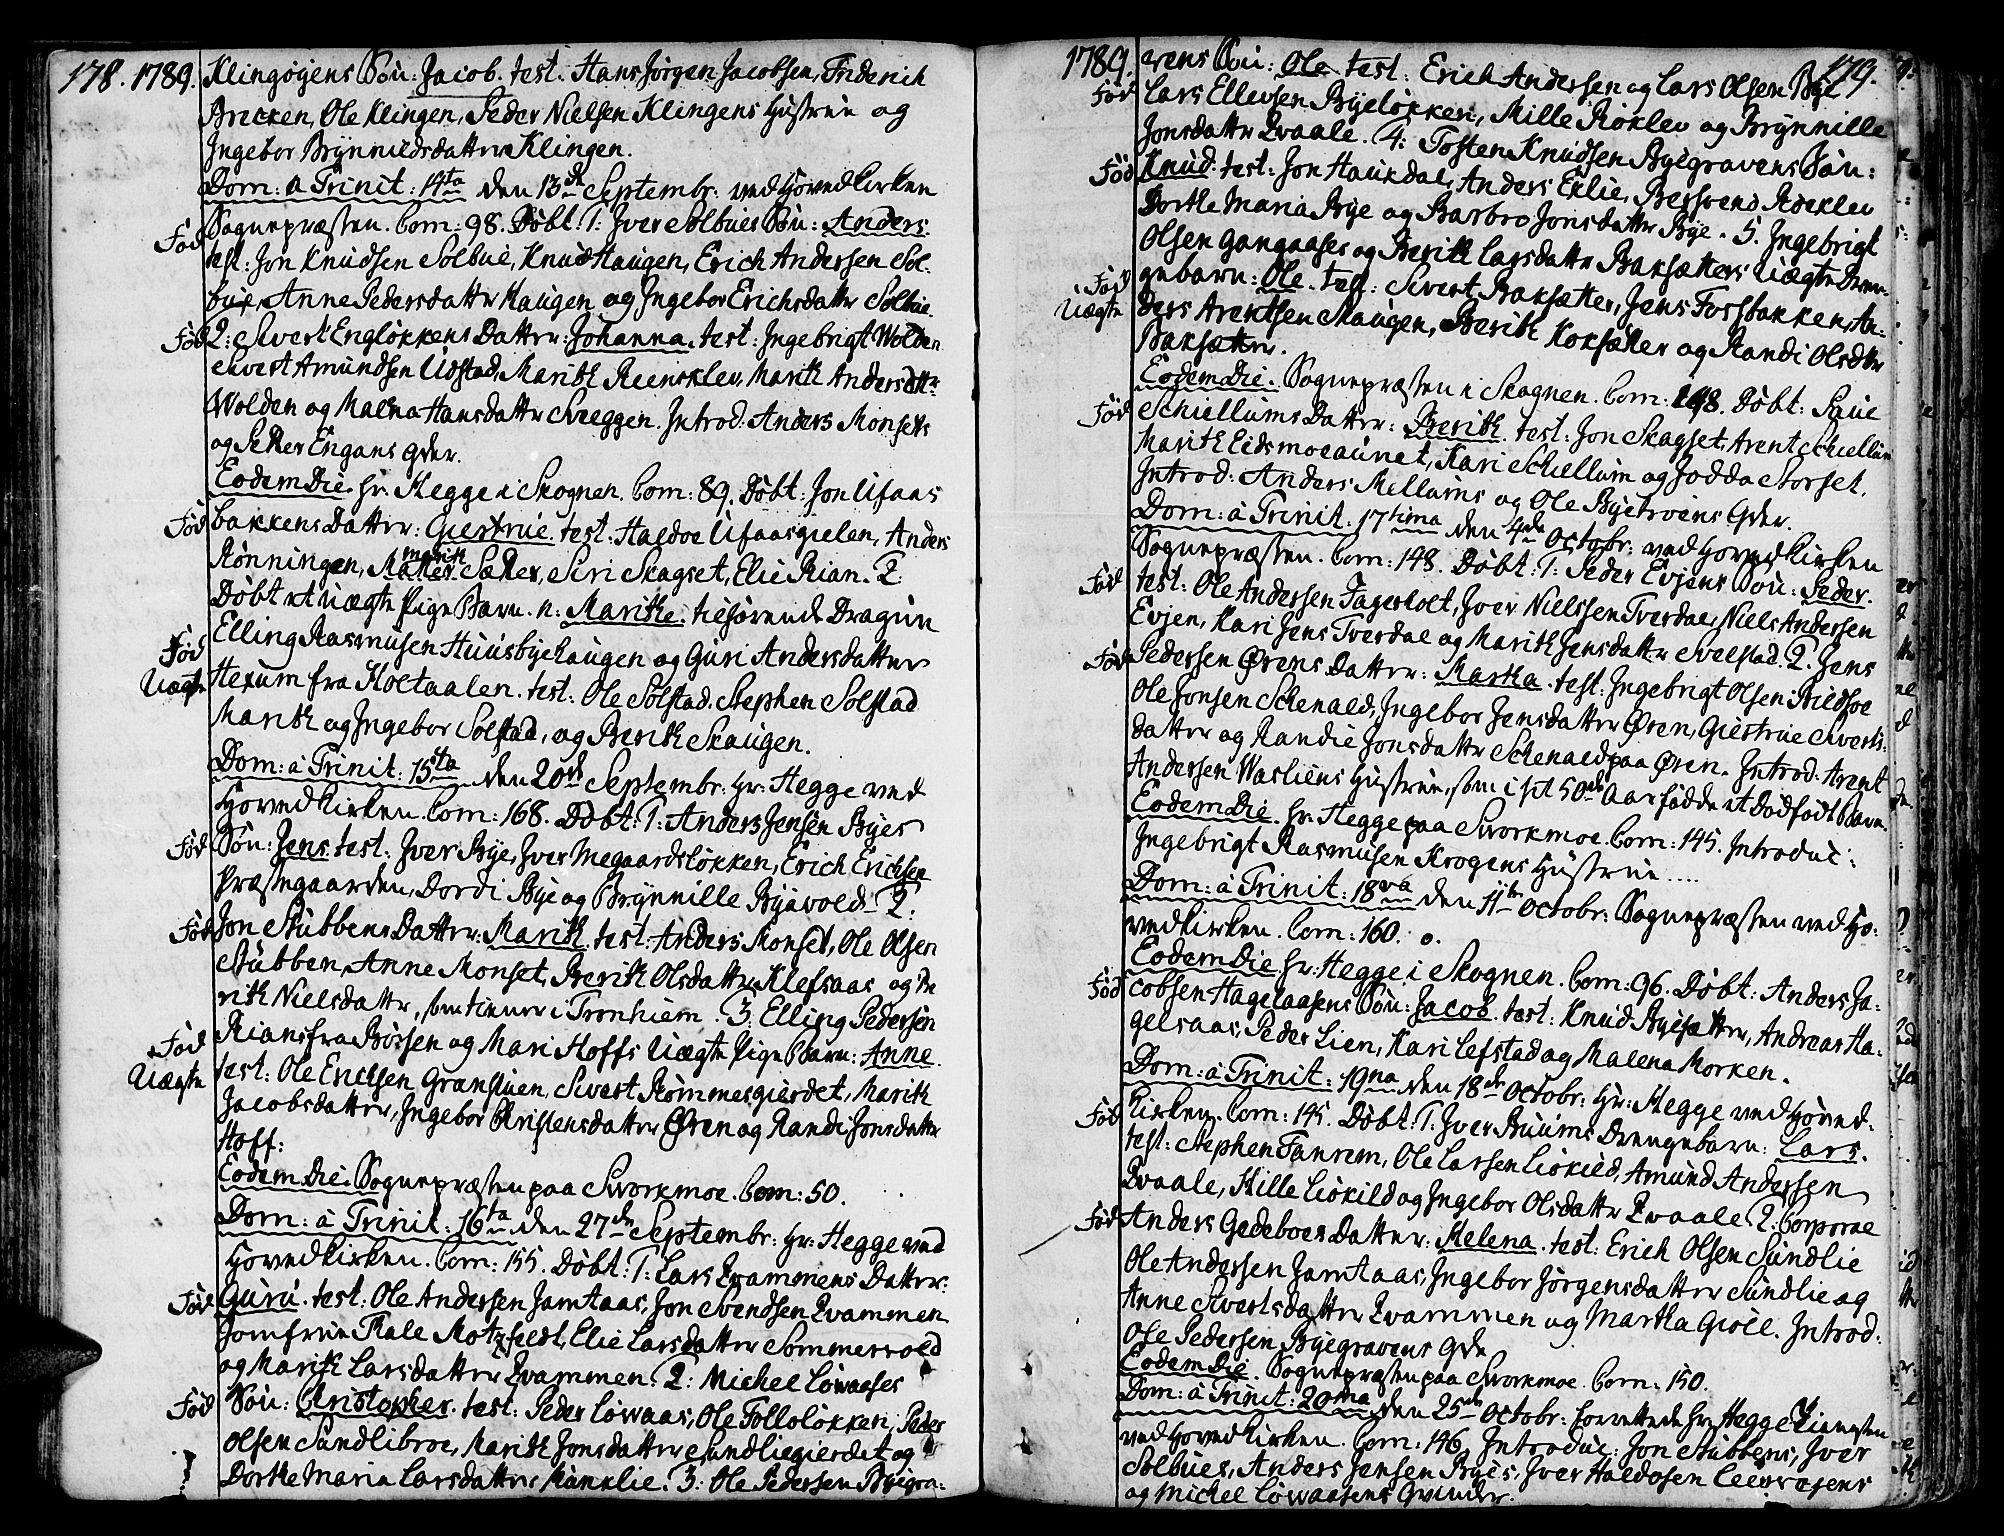 SAT, Ministerialprotokoller, klokkerbøker og fødselsregistre - Sør-Trøndelag, 668/L0802: Ministerialbok nr. 668A02, 1776-1799, s. 178-179